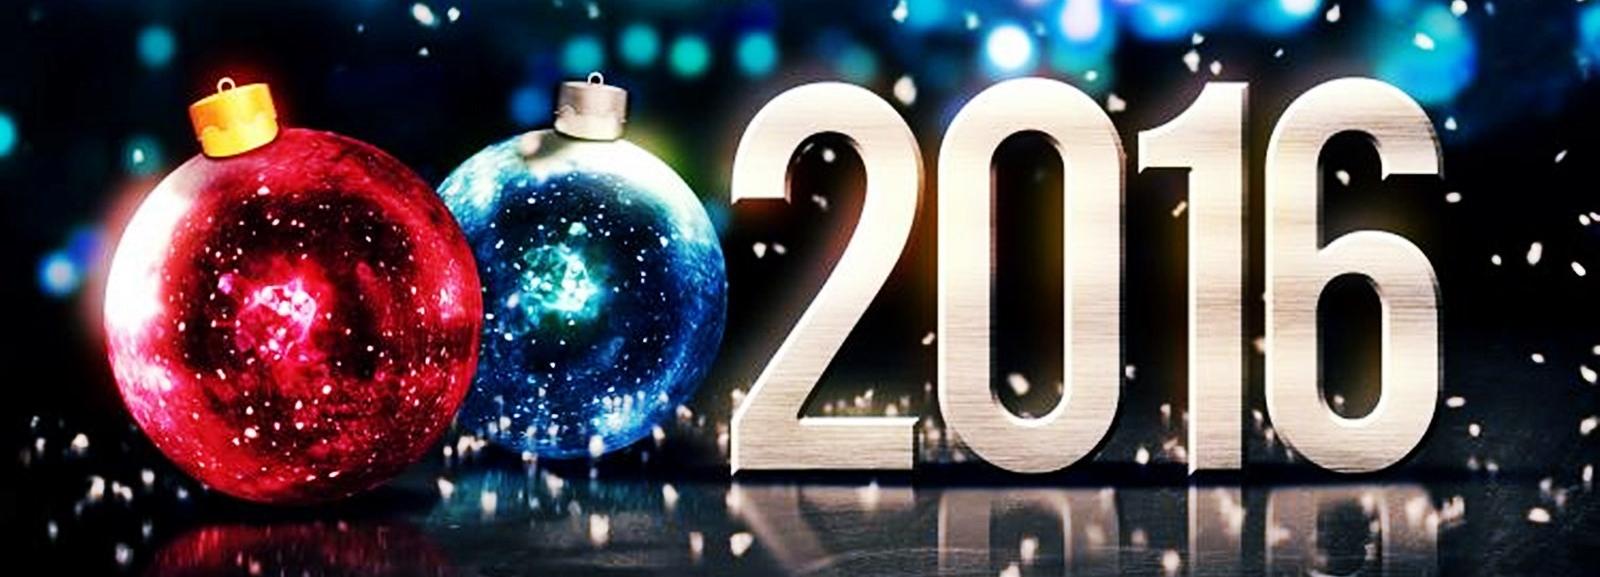 2016christmas